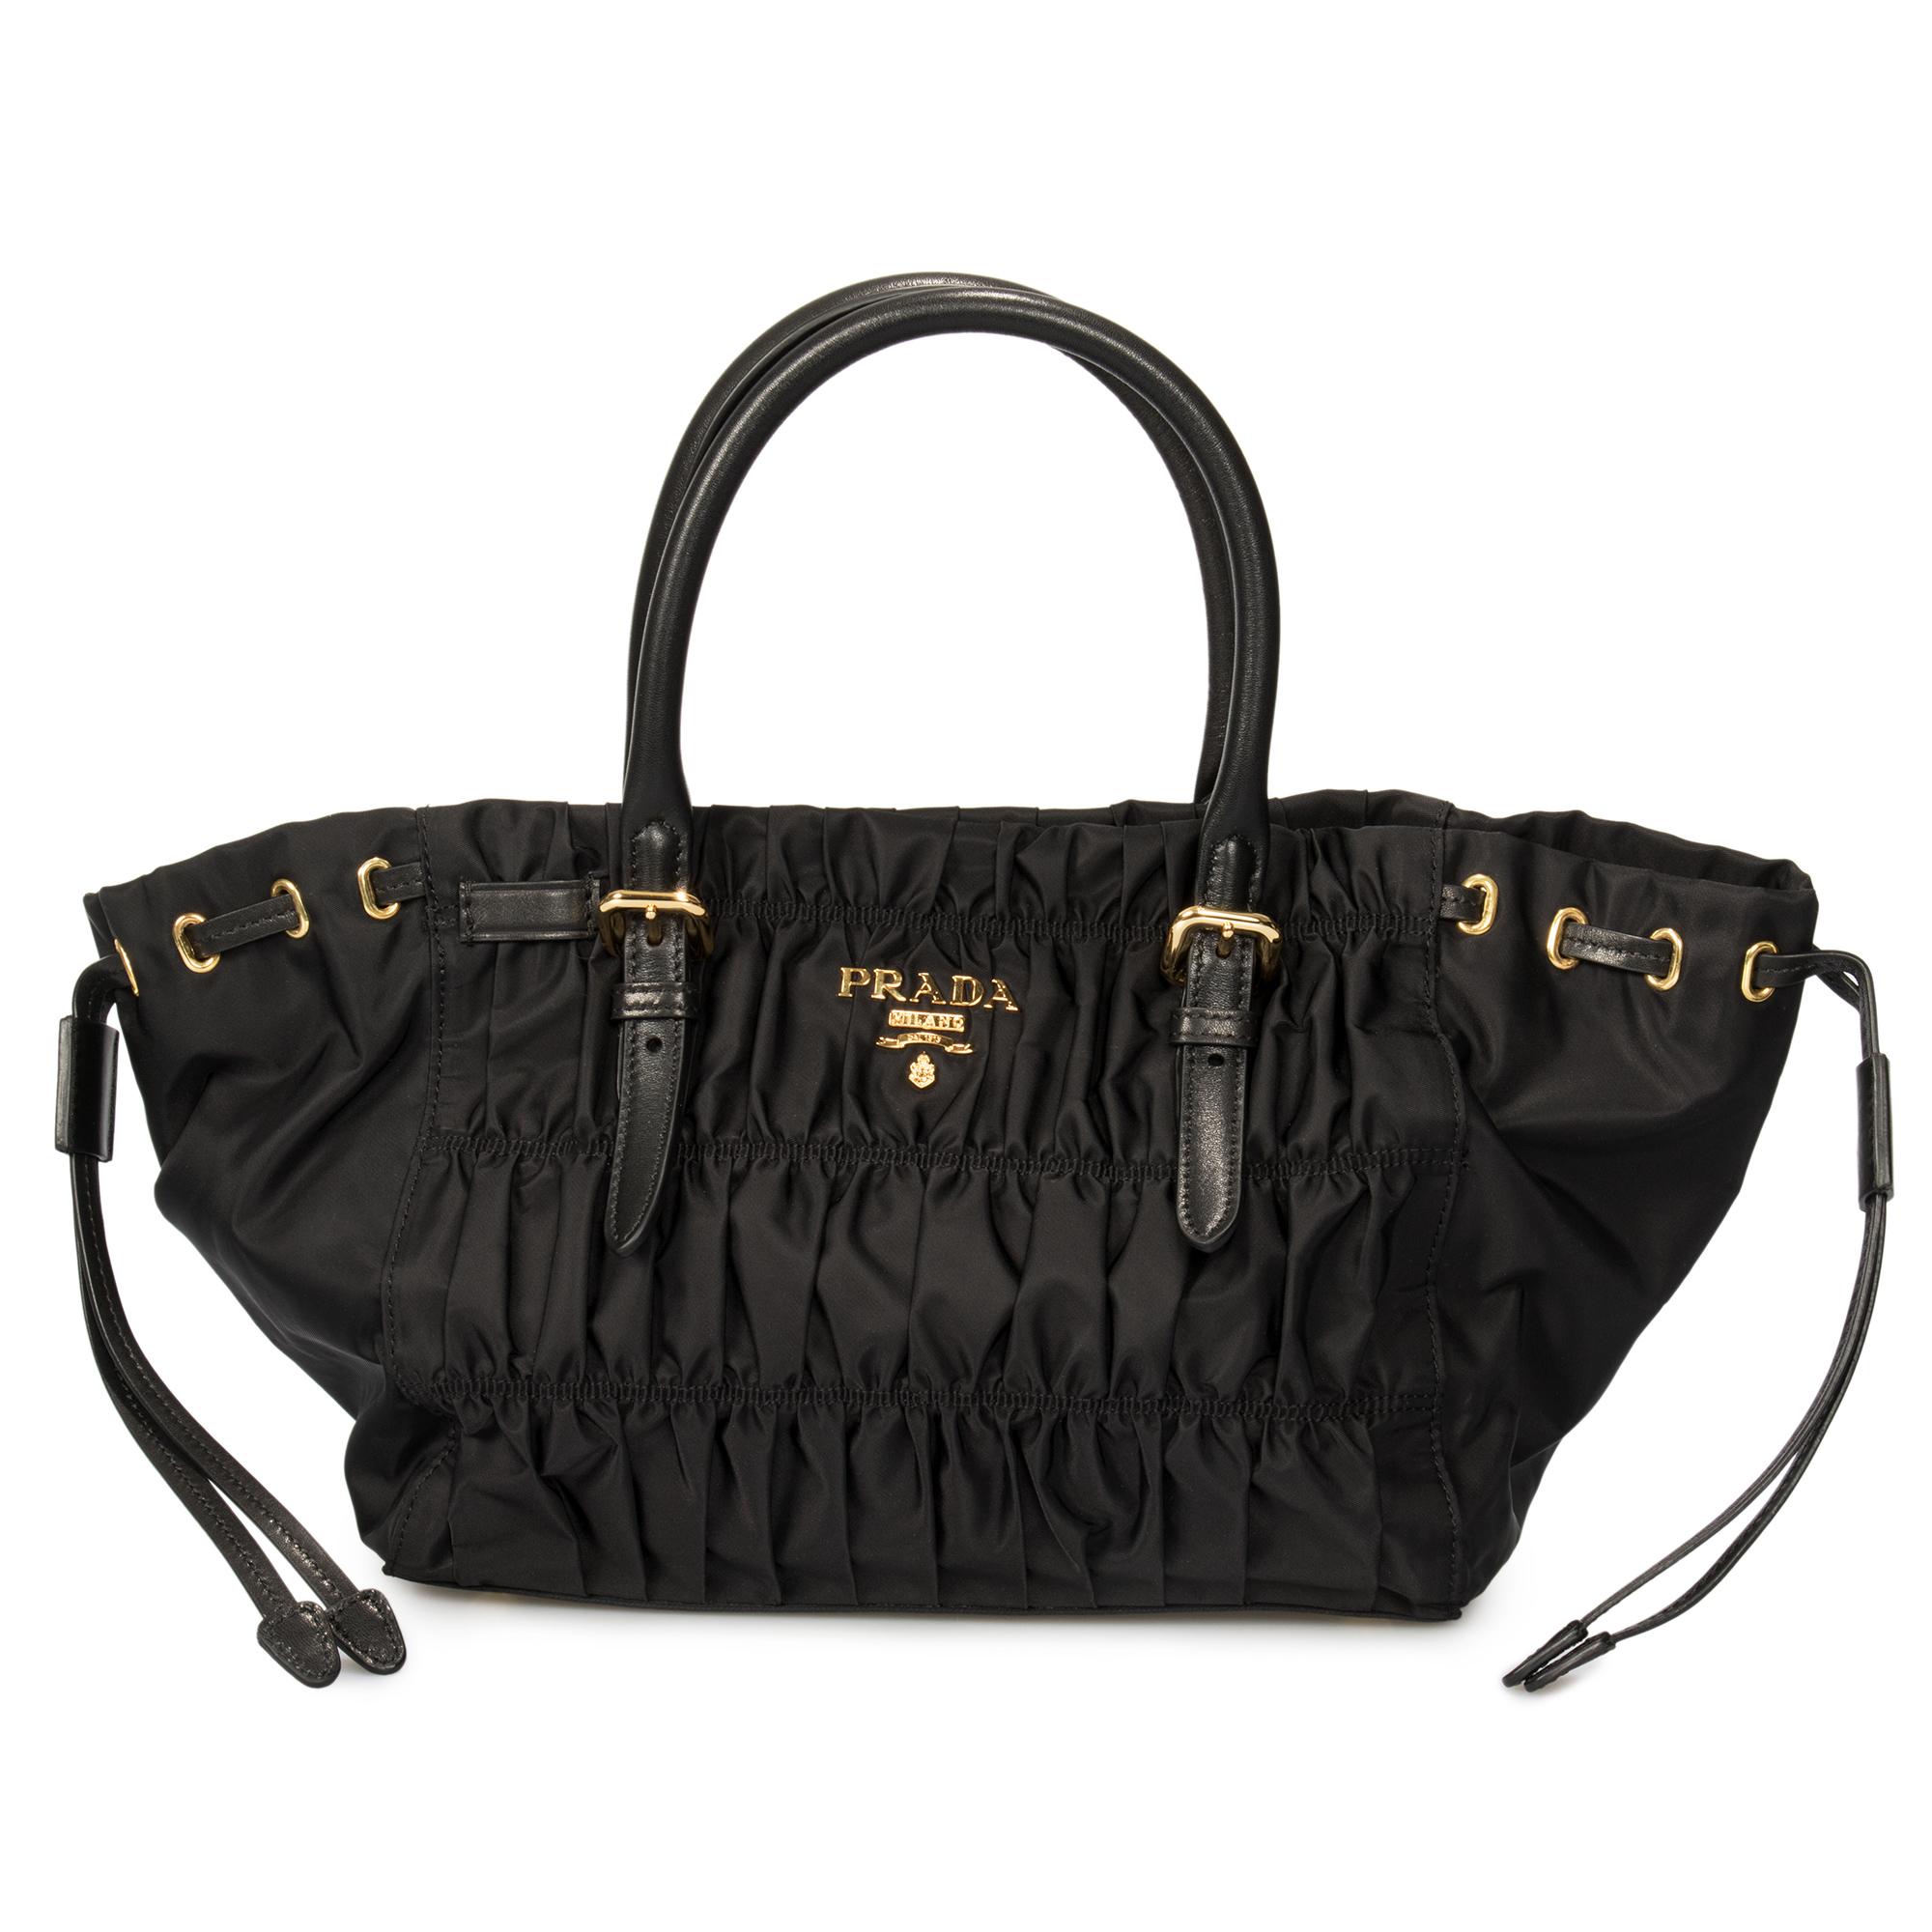 455e34186adeef ... usa prada gaufre fabric handbag in black 4a30f df421